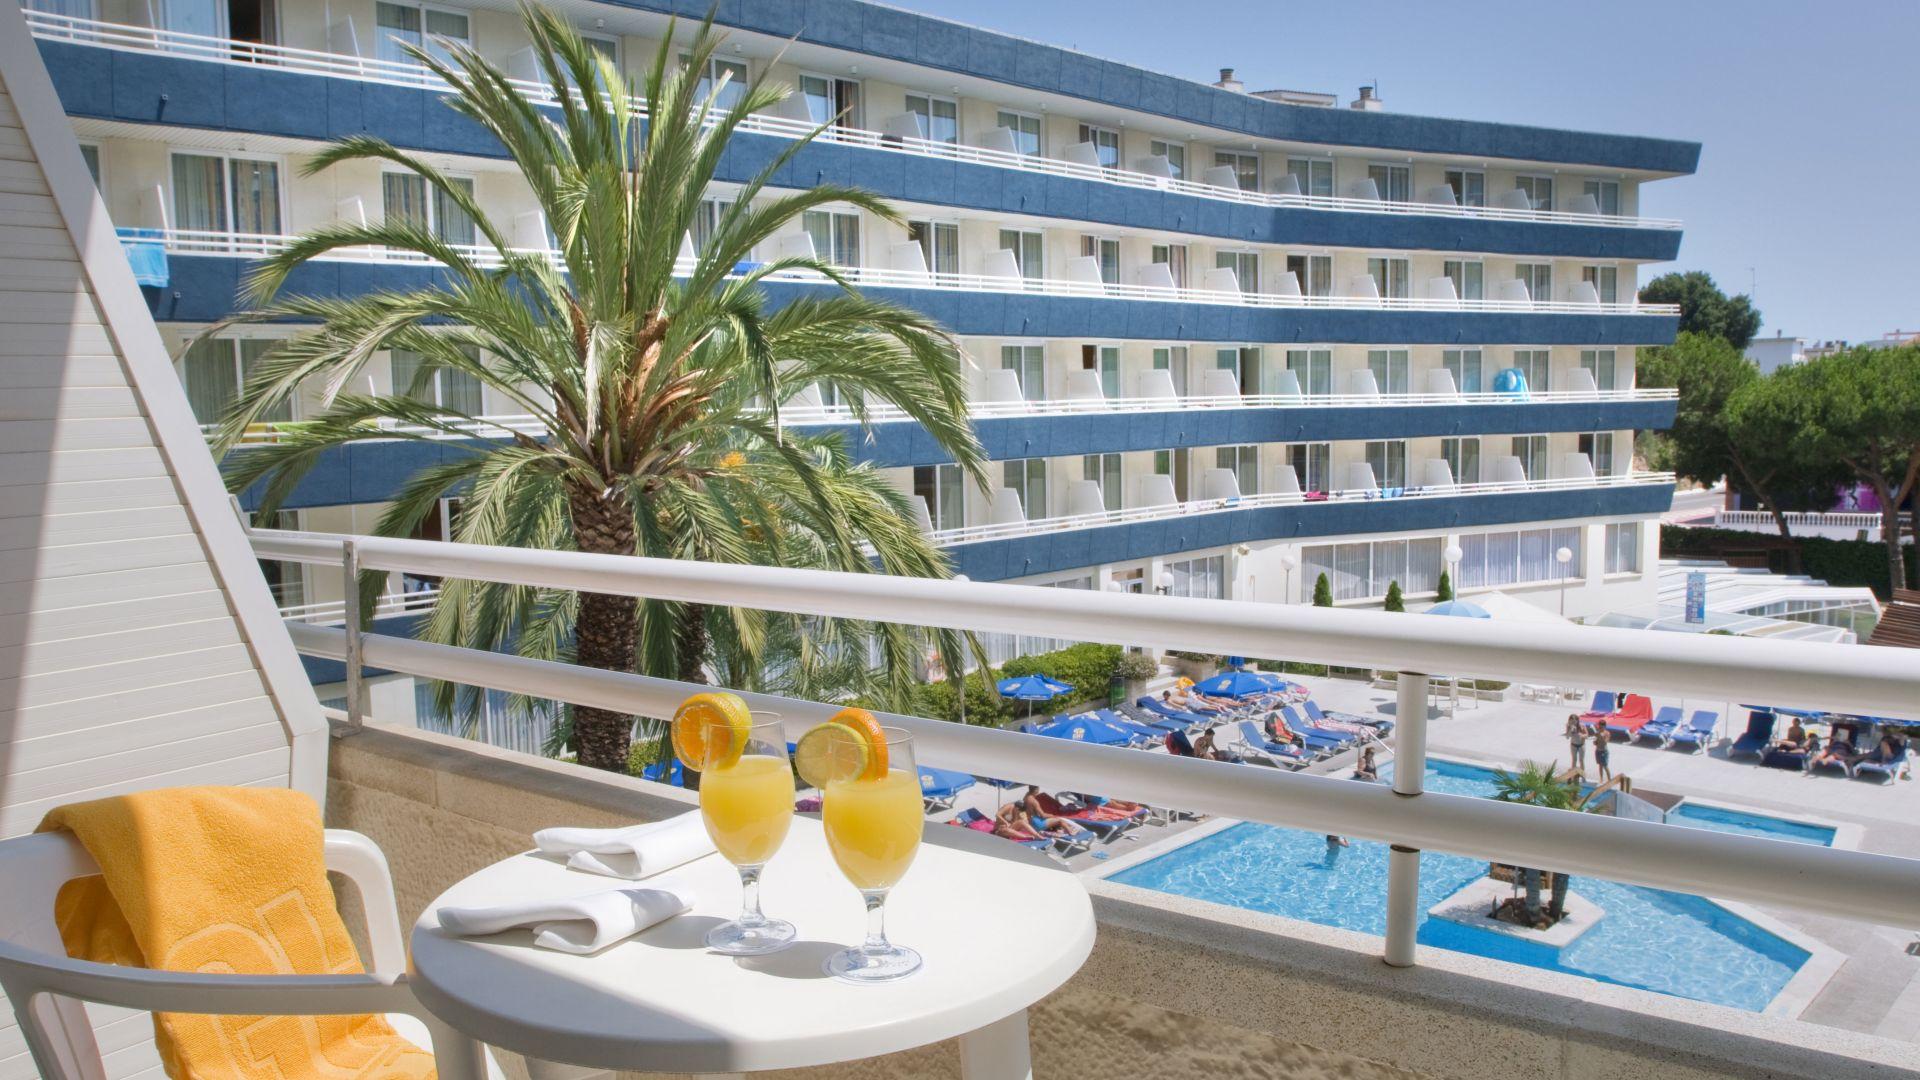 Offerta hotel sul mare in spagna estate 2016 for Alberghi barcellona sul mare